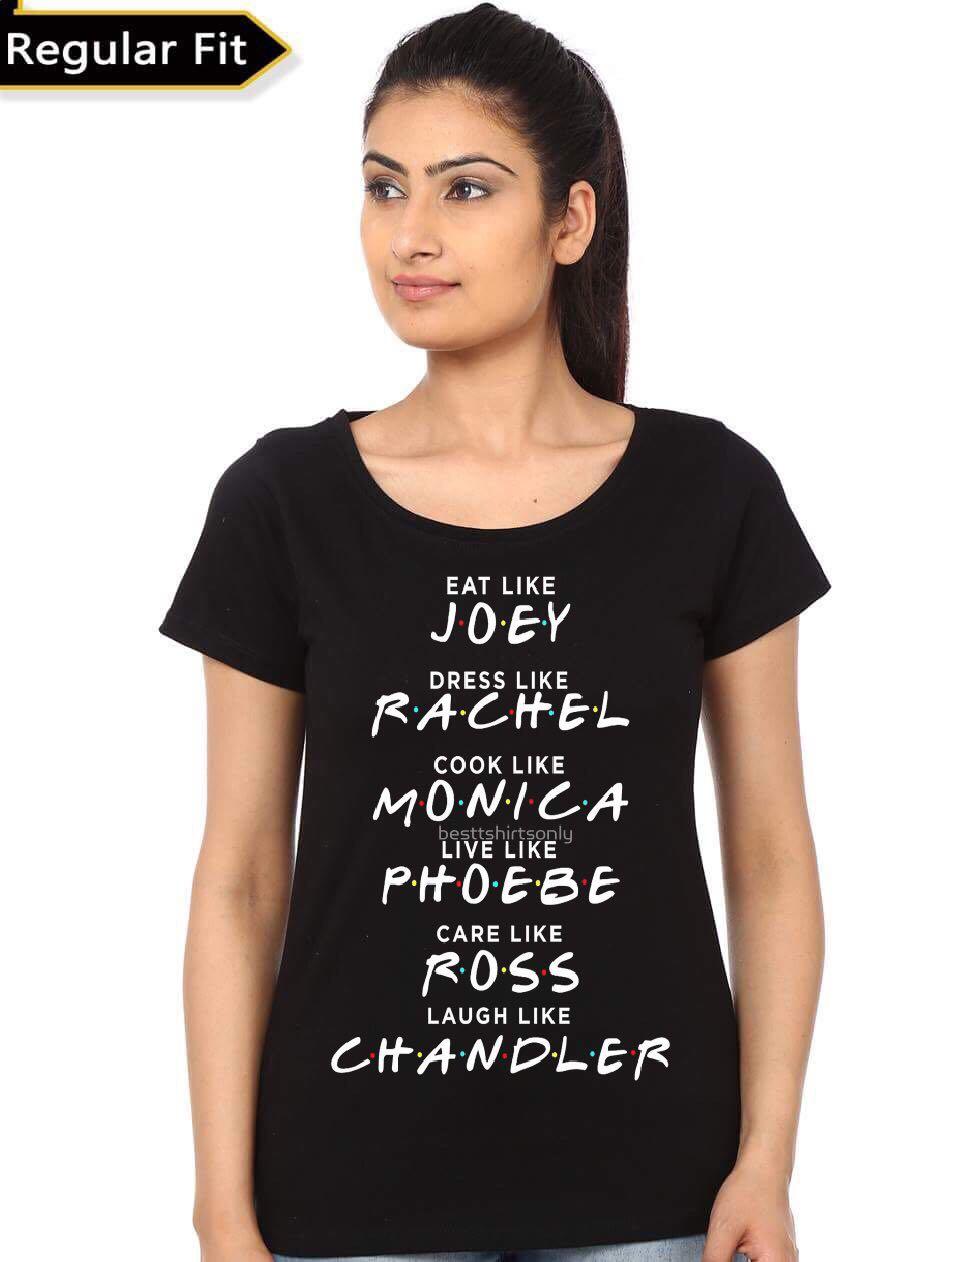 Black t shirt on girl - Friends Girl Black T Shirt